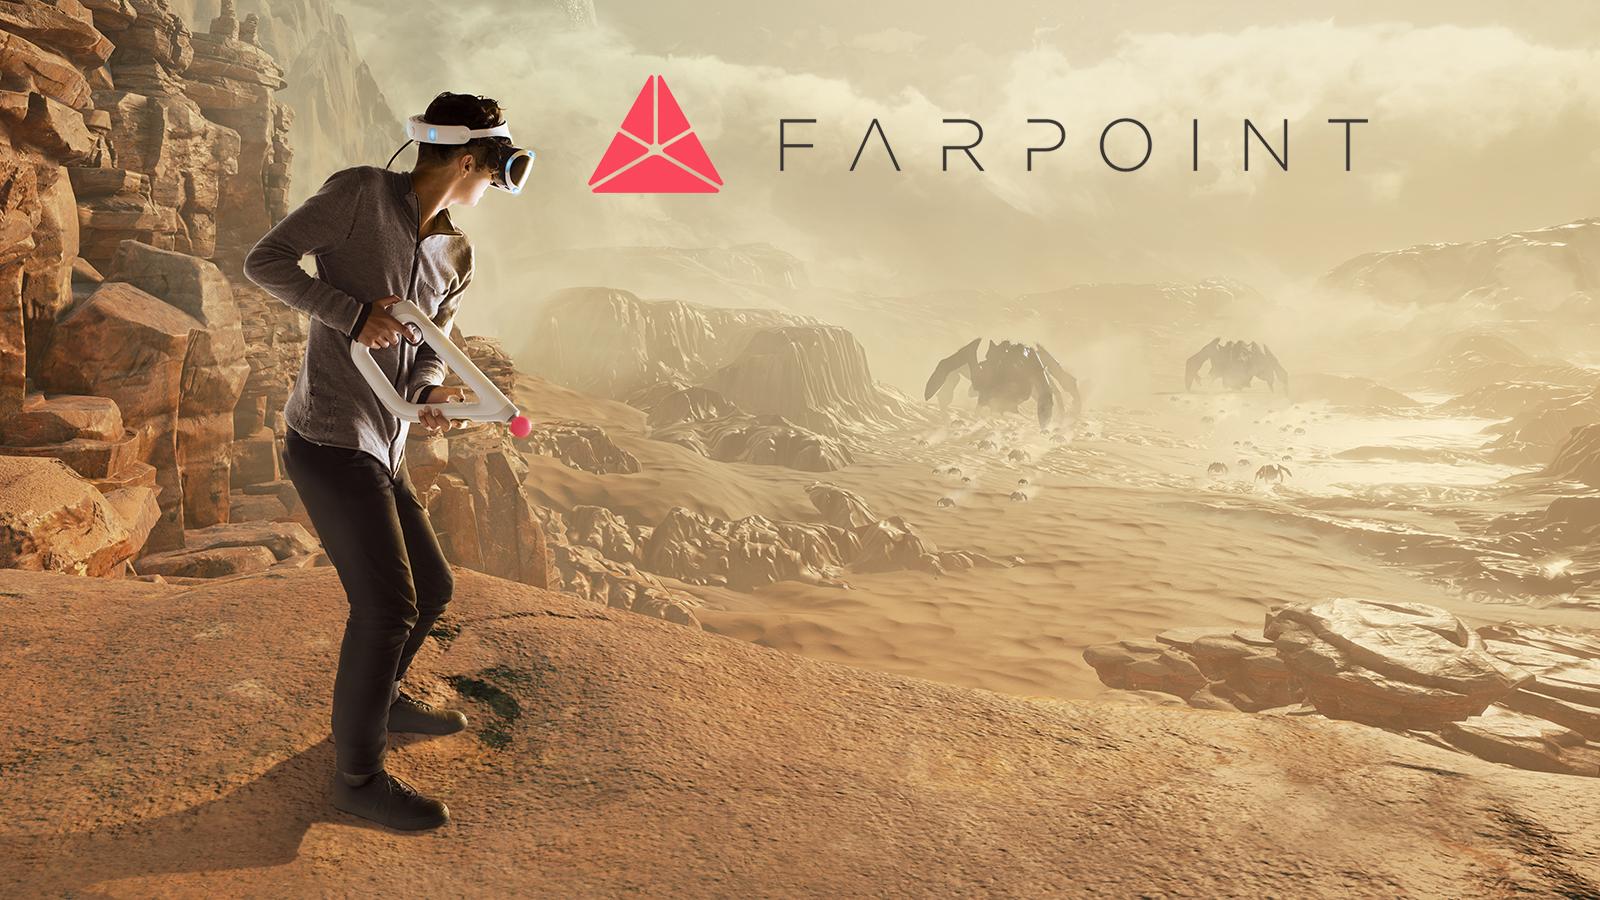 Análisis | Farpoint